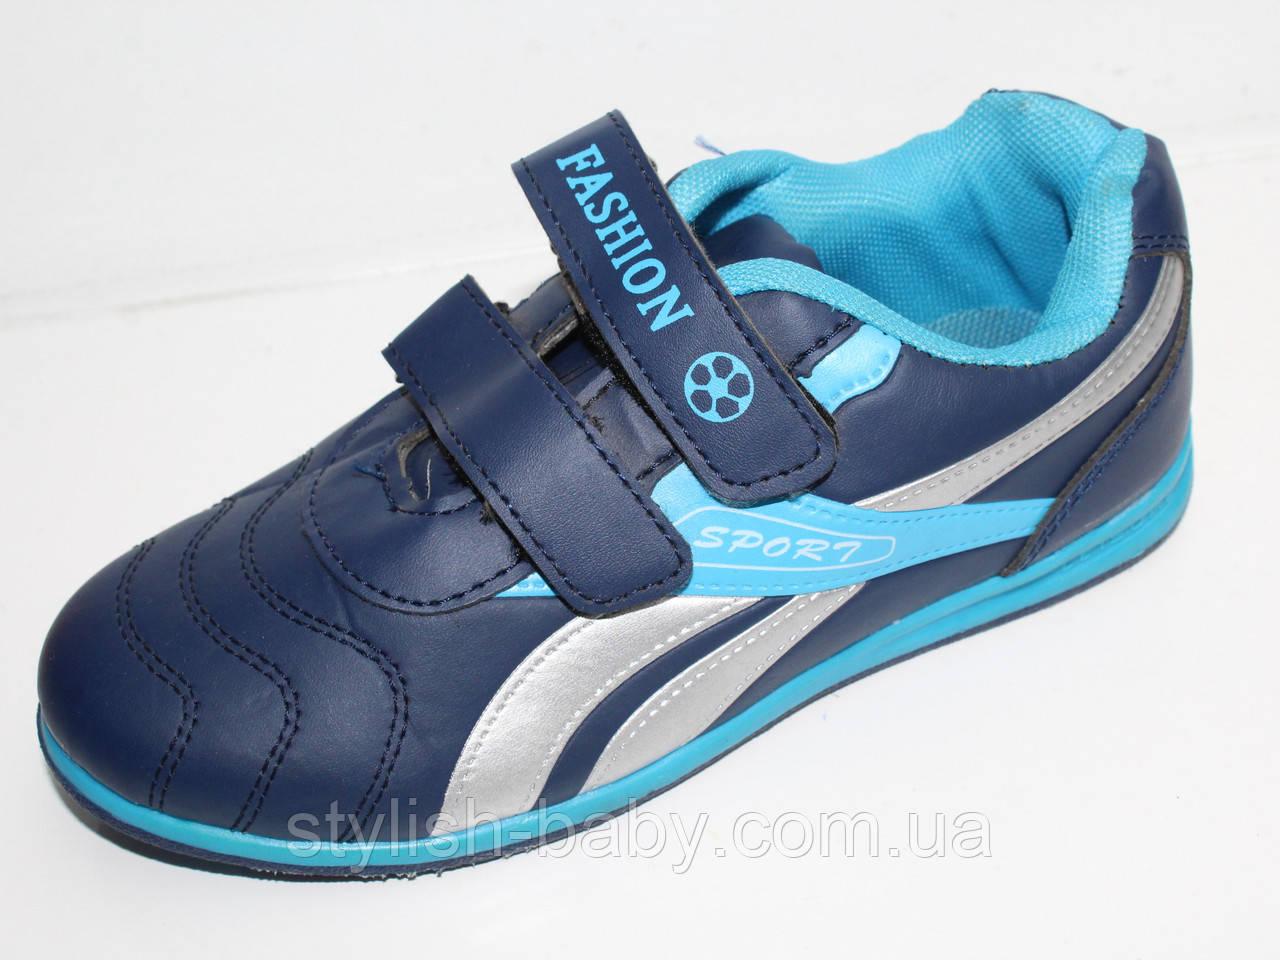 Детская спортивная обувь ТМ. Bluerama для мальчиков (разм. с 31 по 36)